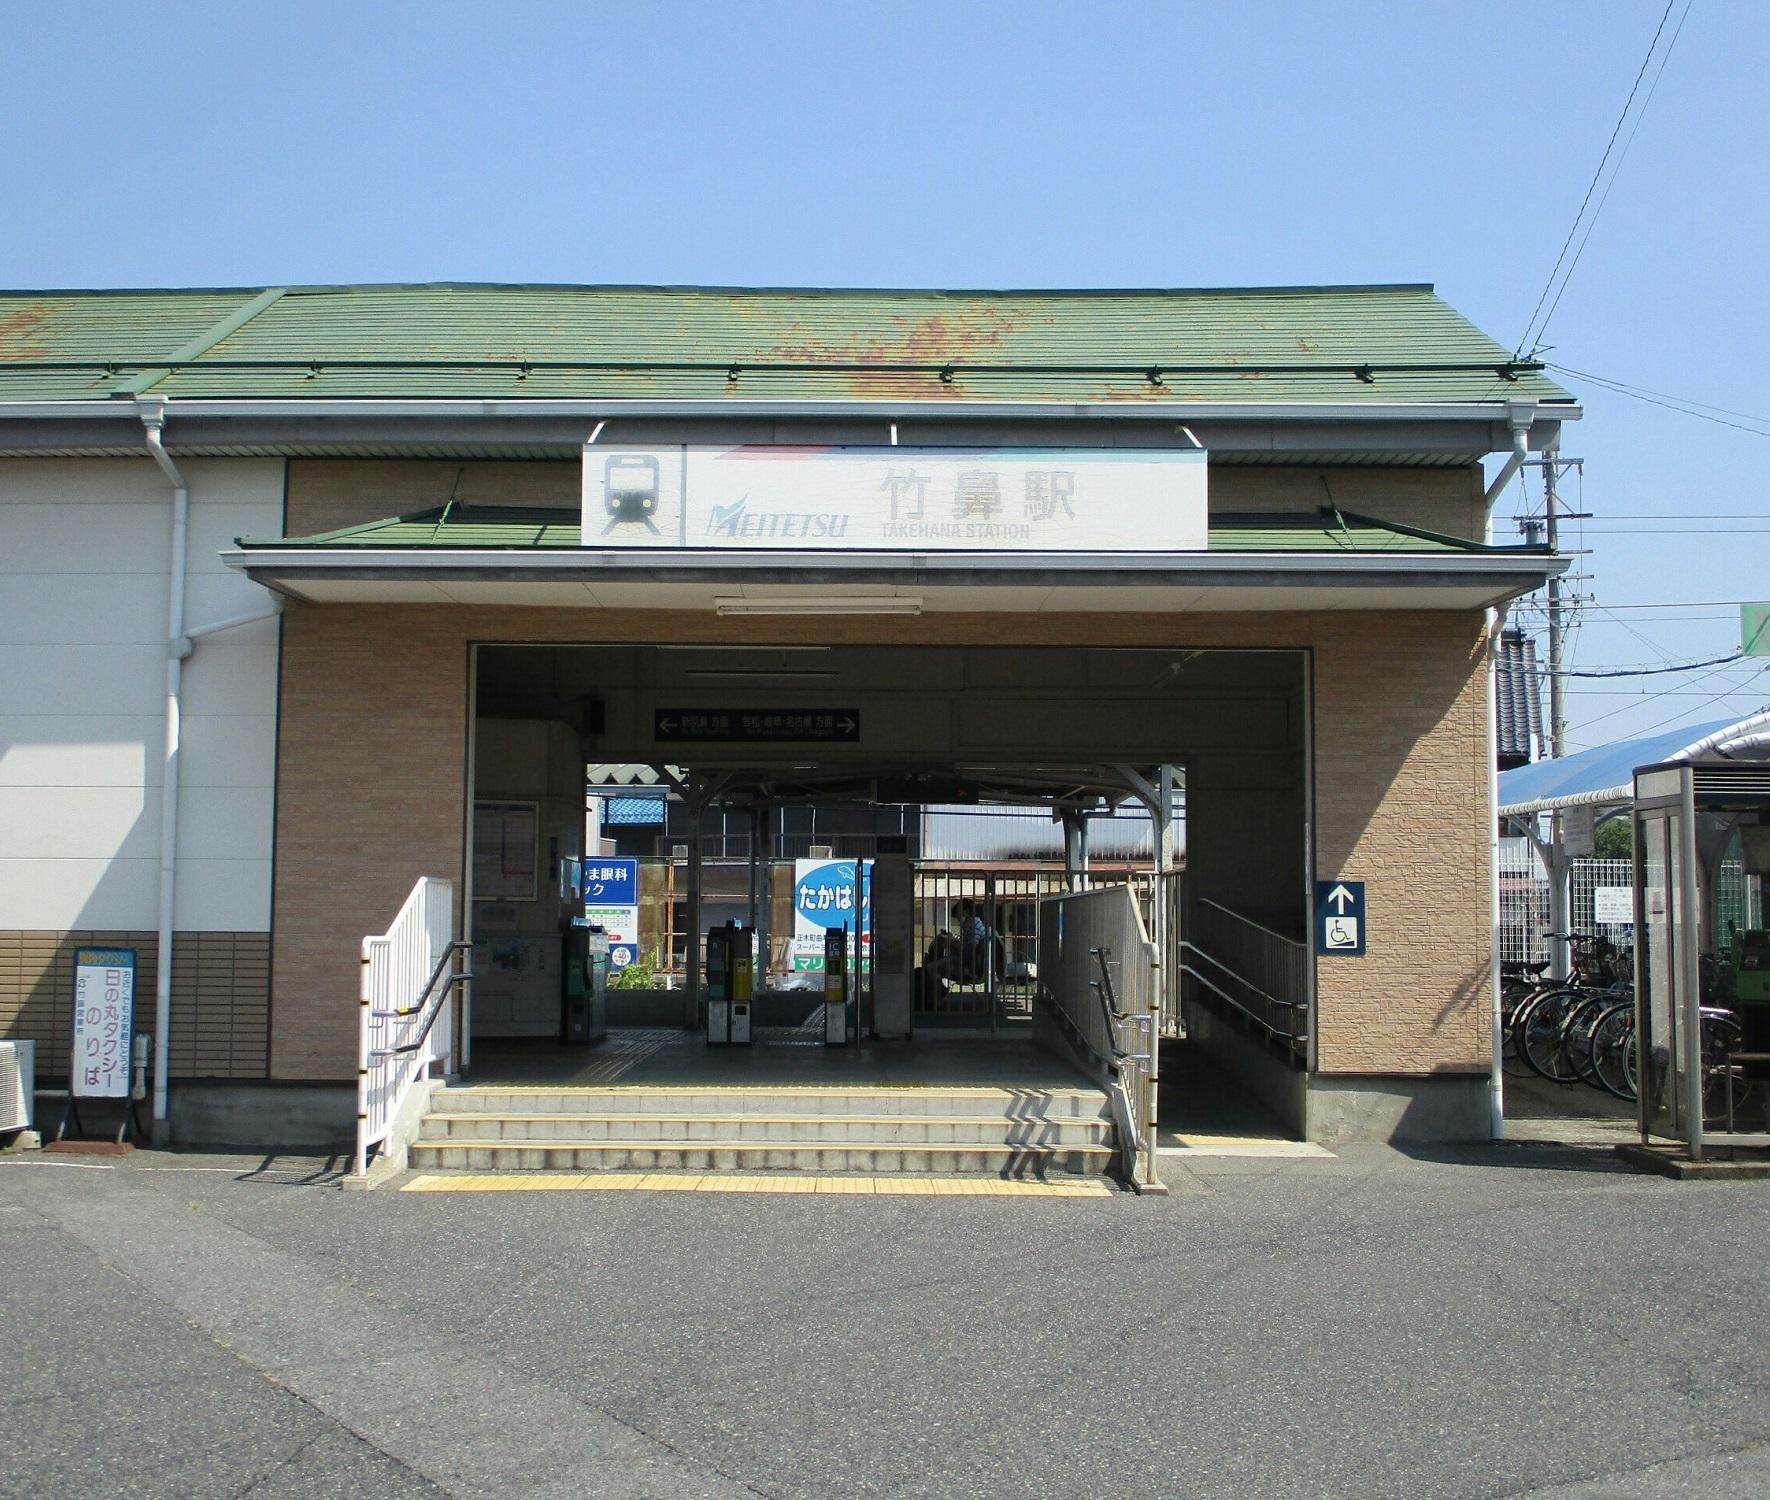 2018.7.18 (55) 竹鼻 - 駅舎(そとから) 1770-1500